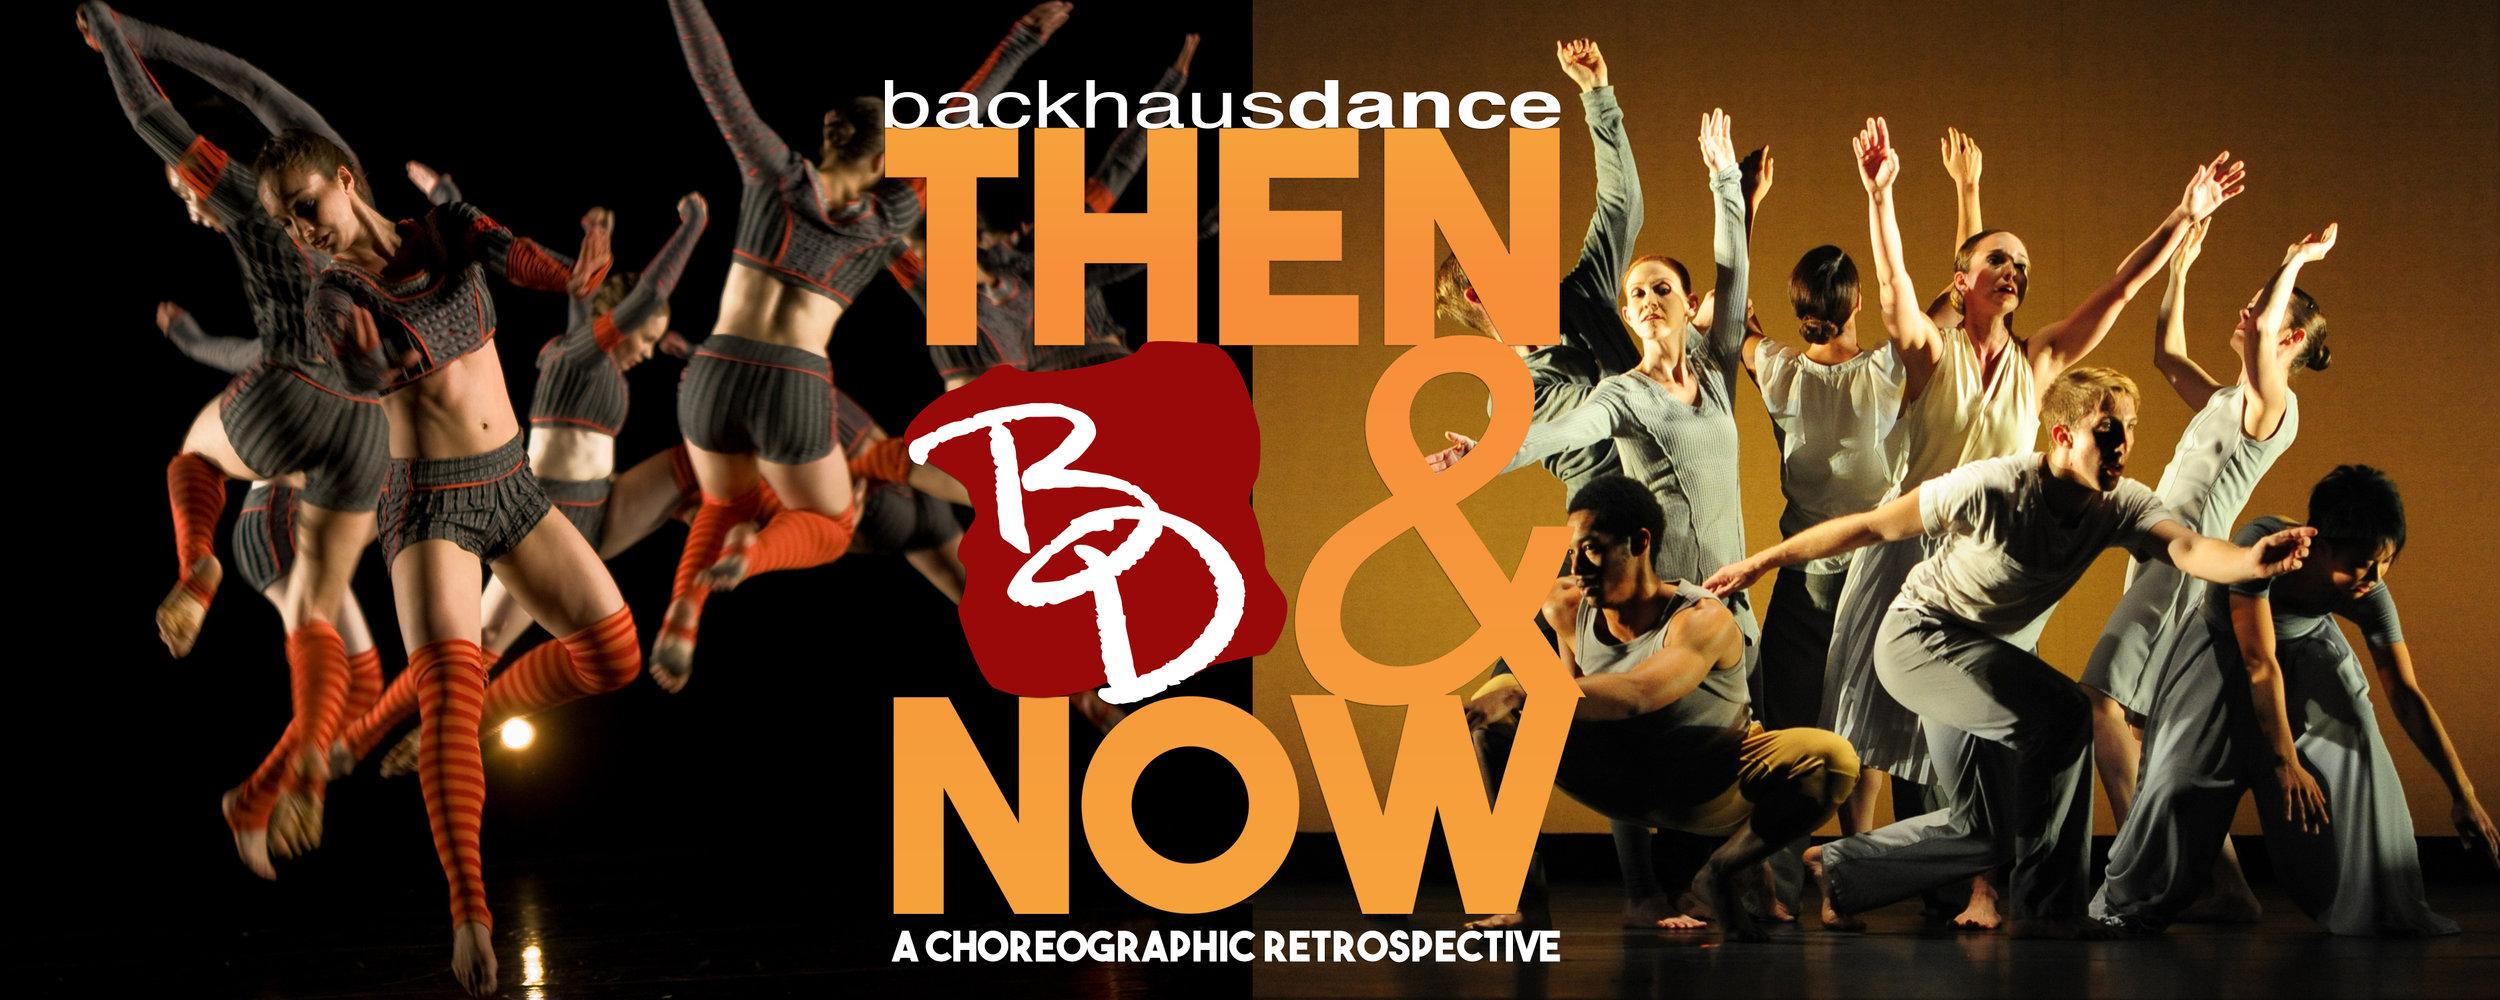 Backhausdance Then & Now